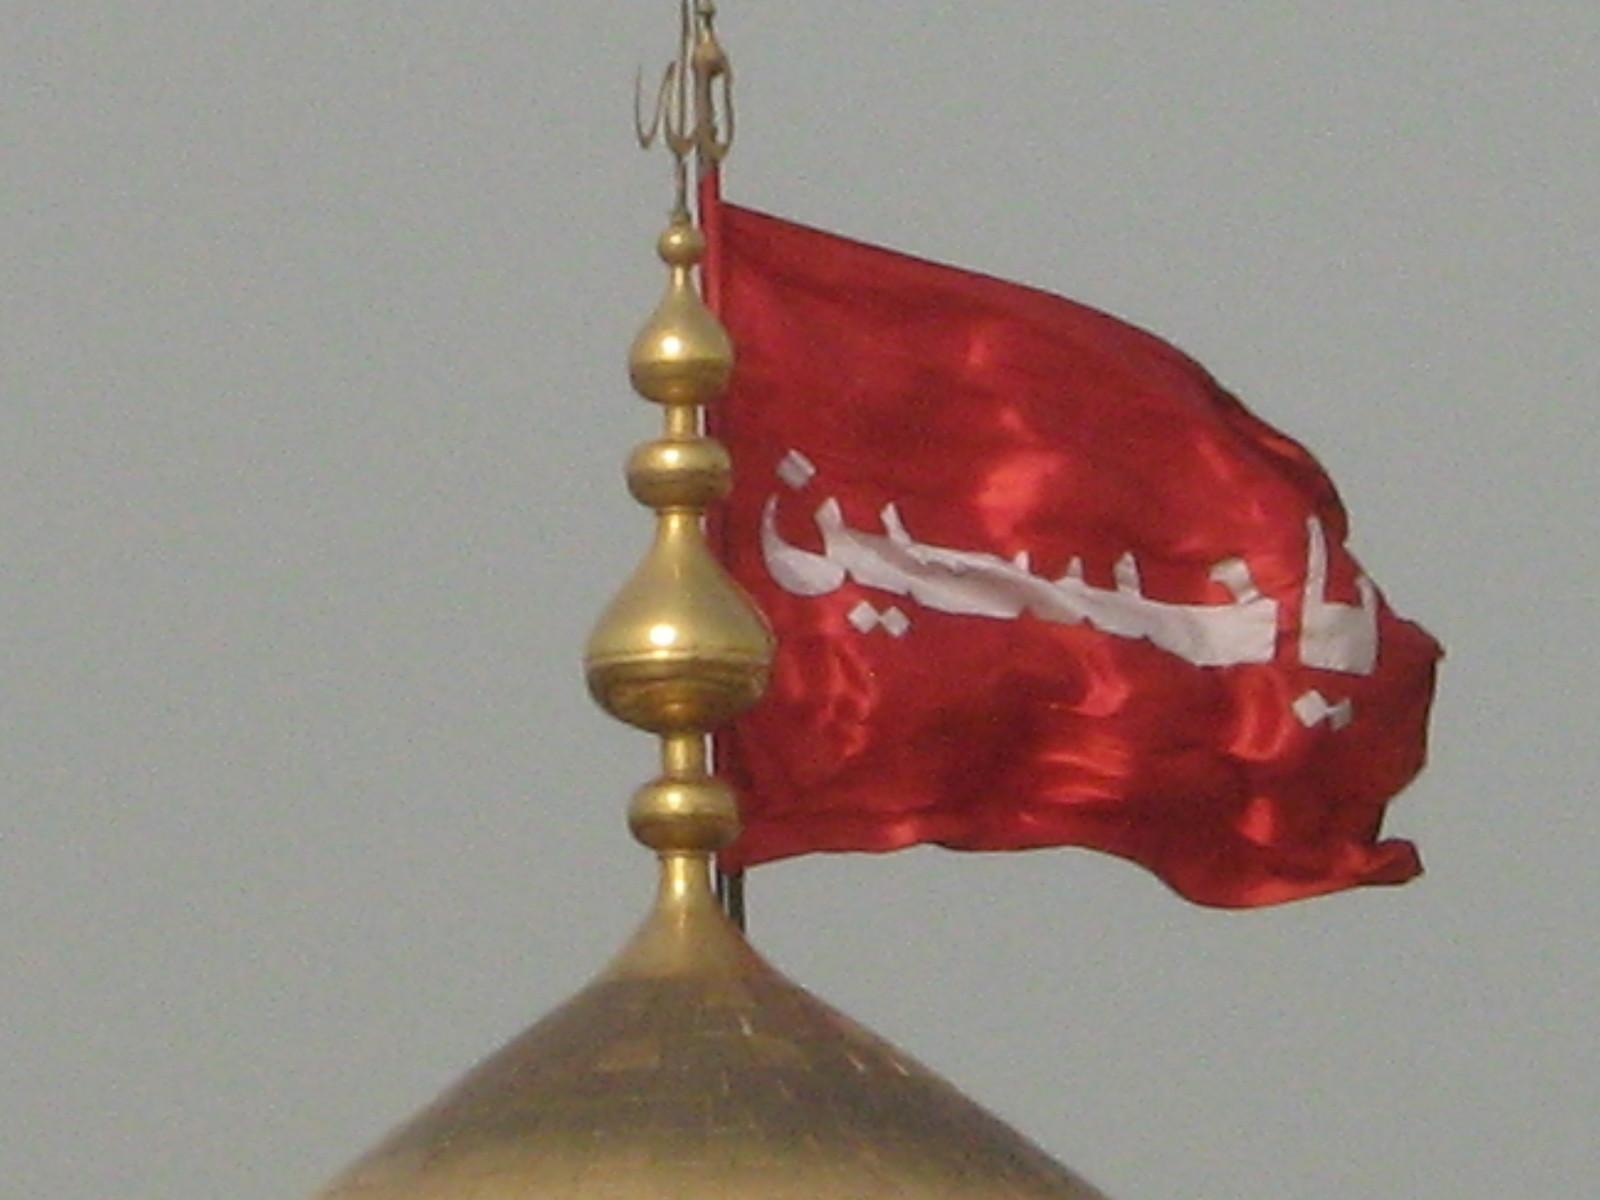 عکس گنبد امام حسین با کیفیت بالا